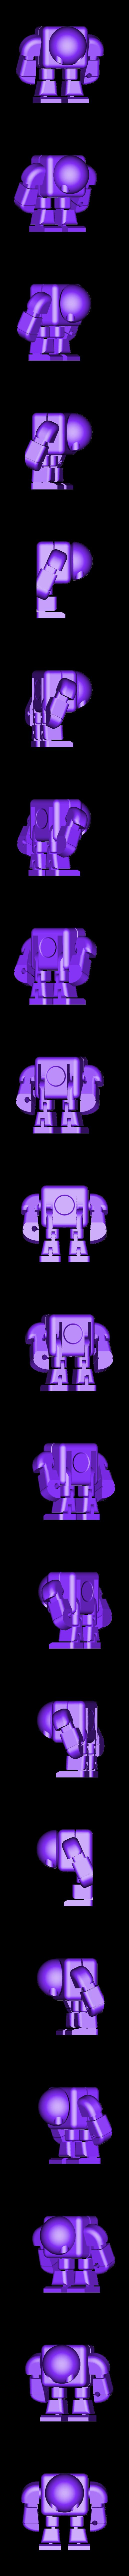 Robot_Maker_Faire_65pc.stl Download free STL file Maker Faire Robot Action Figure (Single file) • 3D printer object, leFabShop